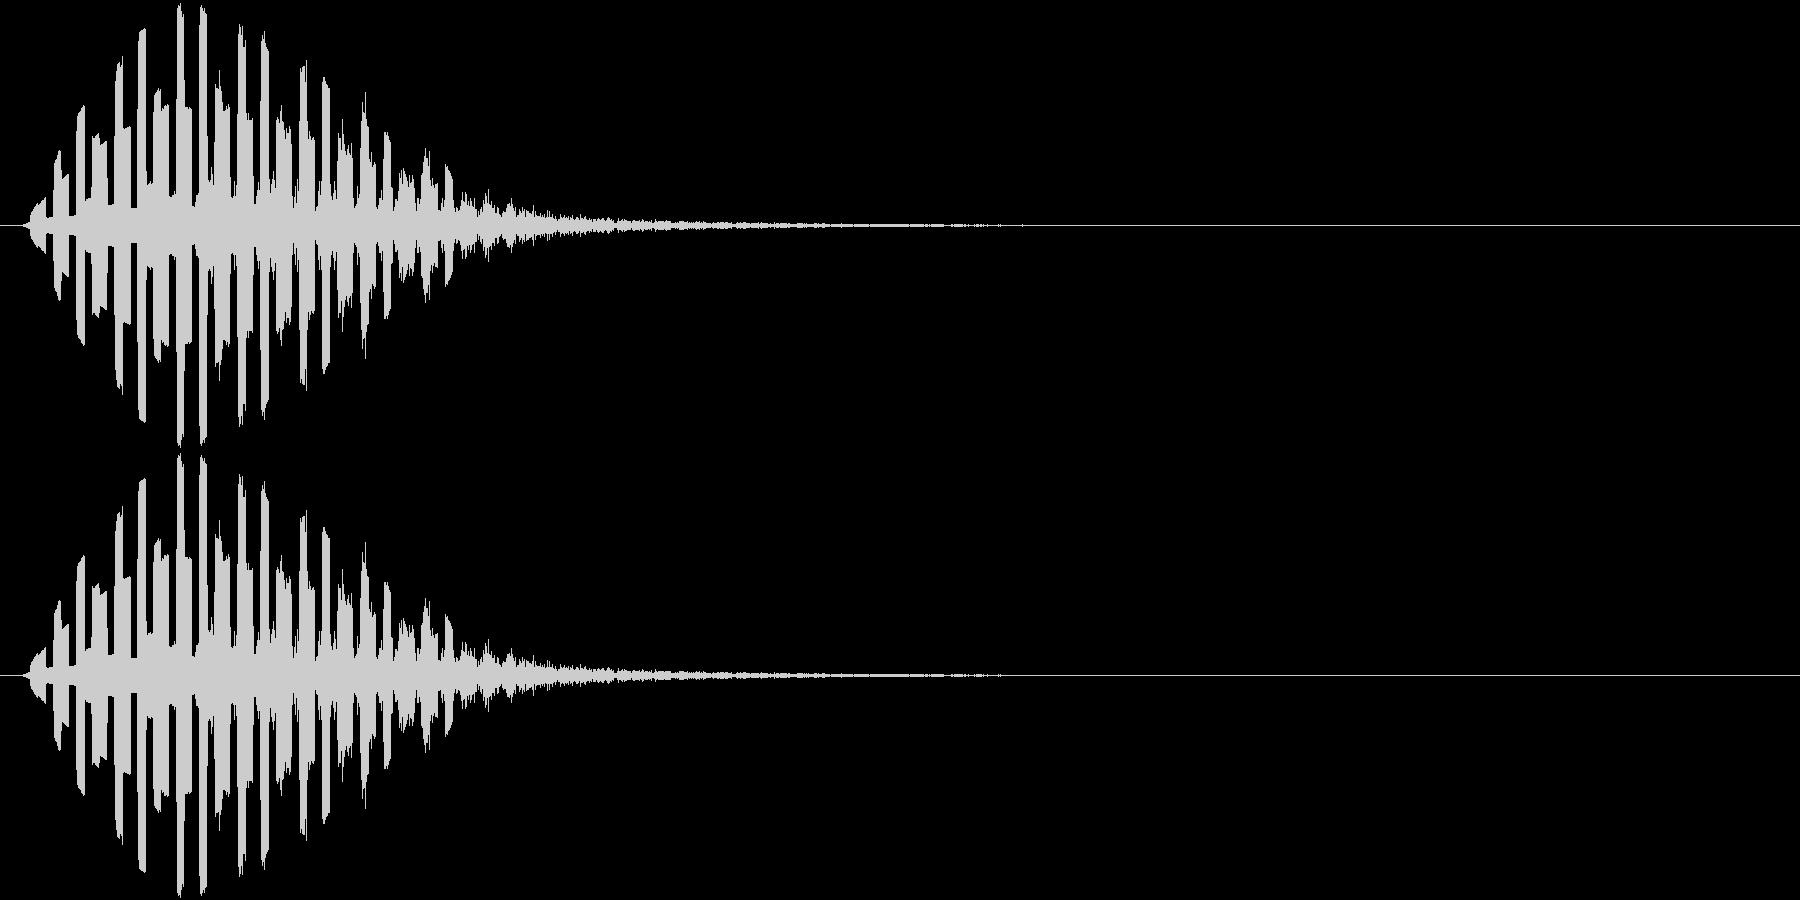 攻撃呪文、電磁波系の未再生の波形